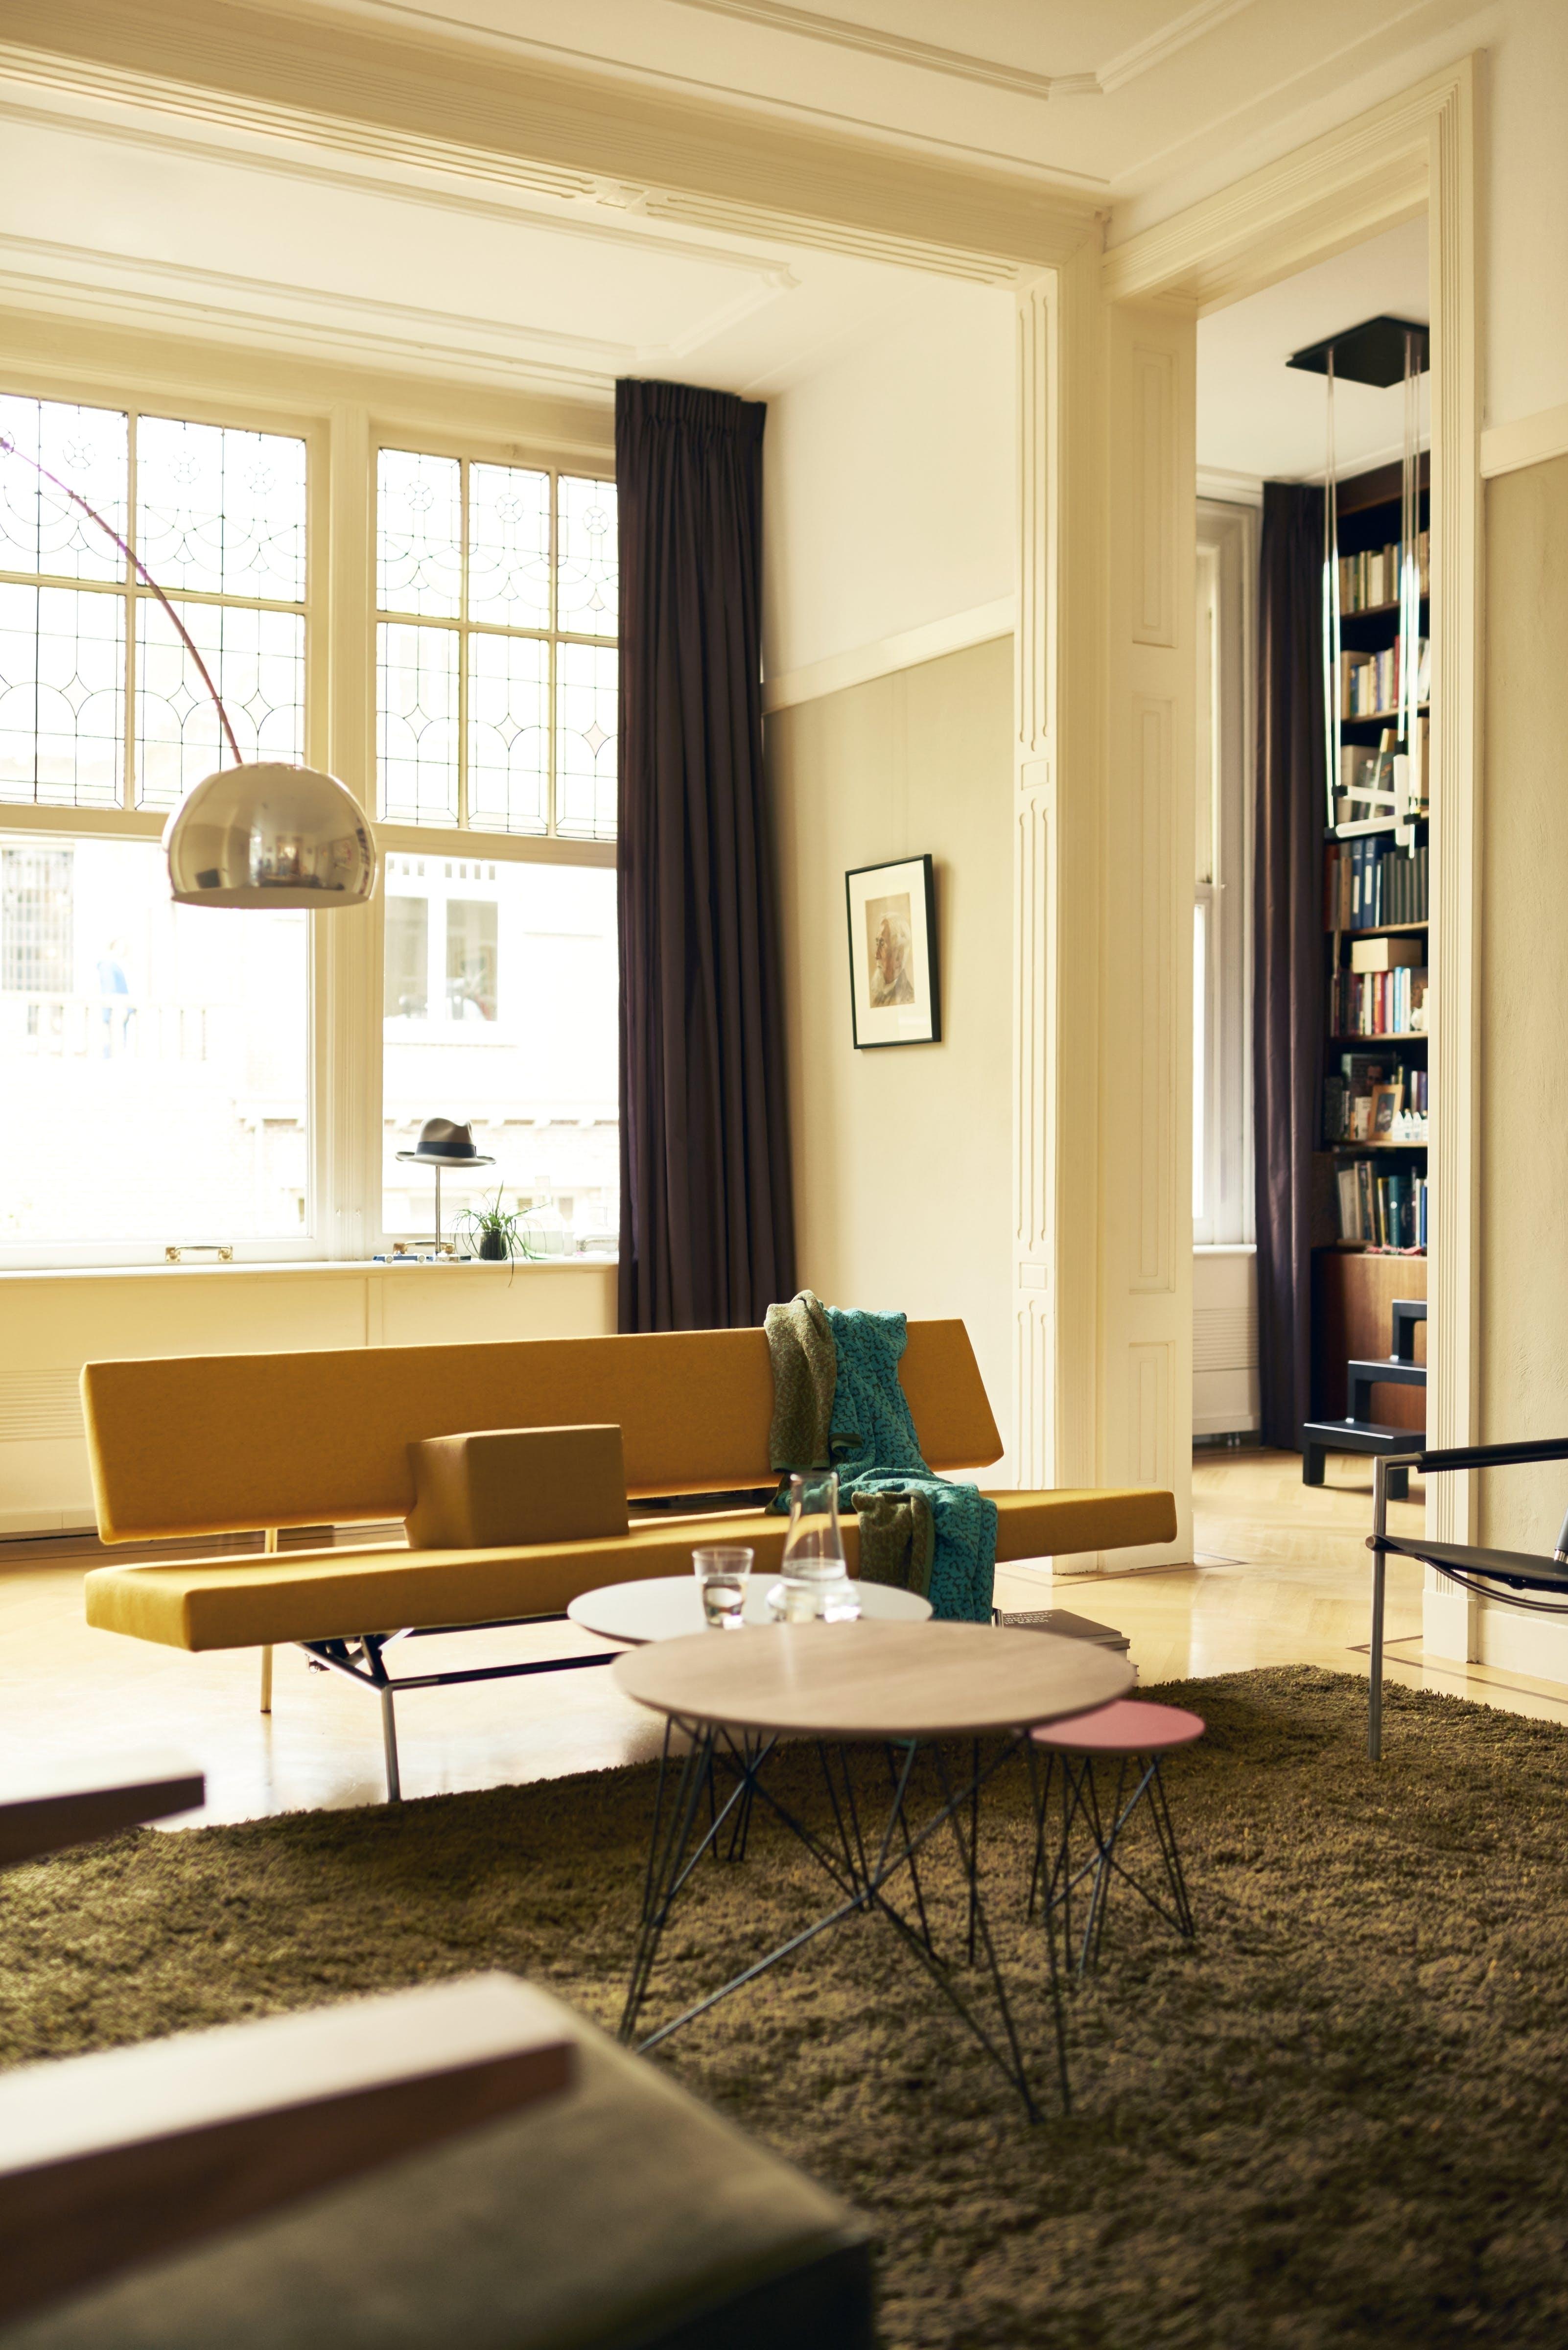 Spectrum Furniture Front Br 02 Sofabed Institu Haute Living